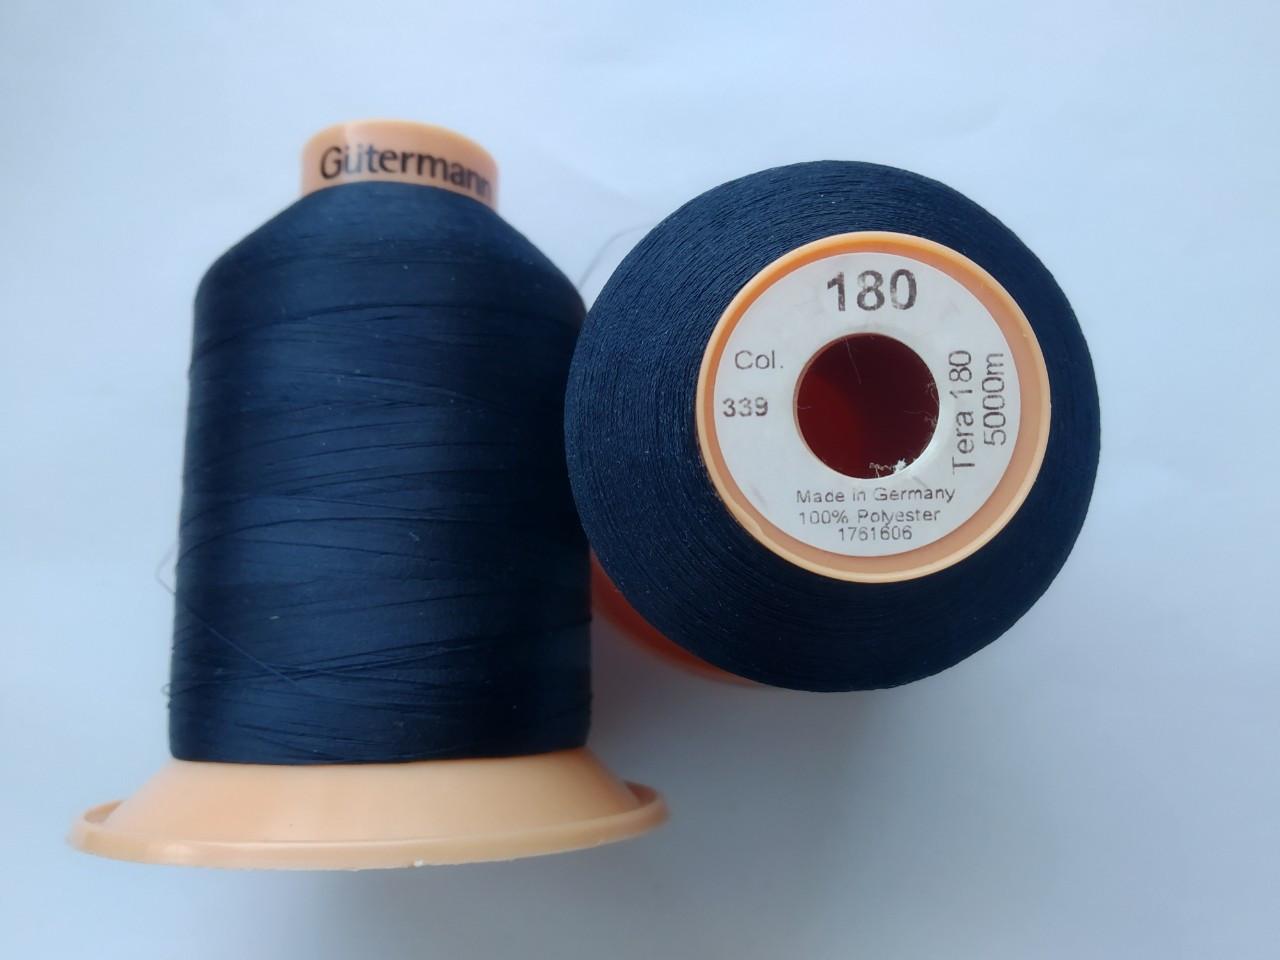 Нитка Gutermann Tera 180 /col 339 / 5000м / колір темно синій